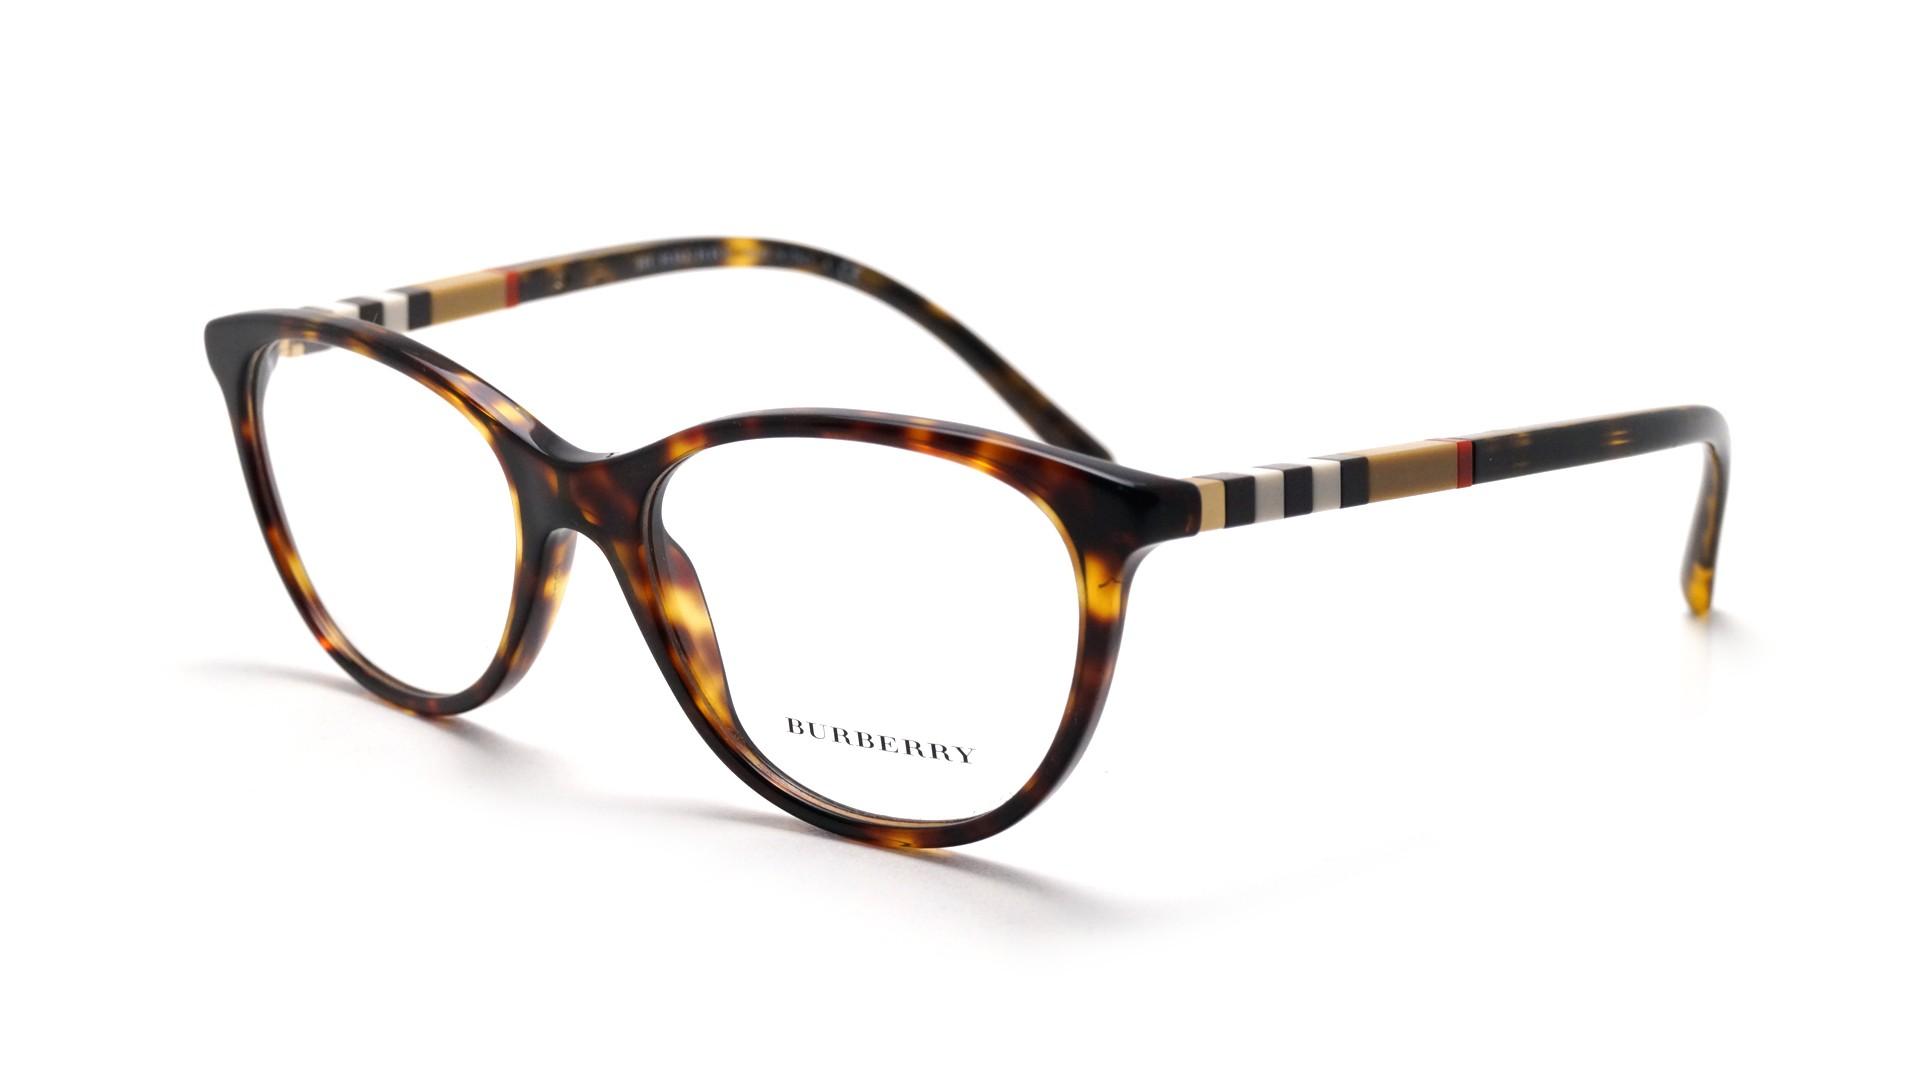 c481512e6c3 Burberry Eyeglasses Frame For Women Bestnewglasses Com. Burberry Be2205 3002  52 17 Tortoise Visiofactory